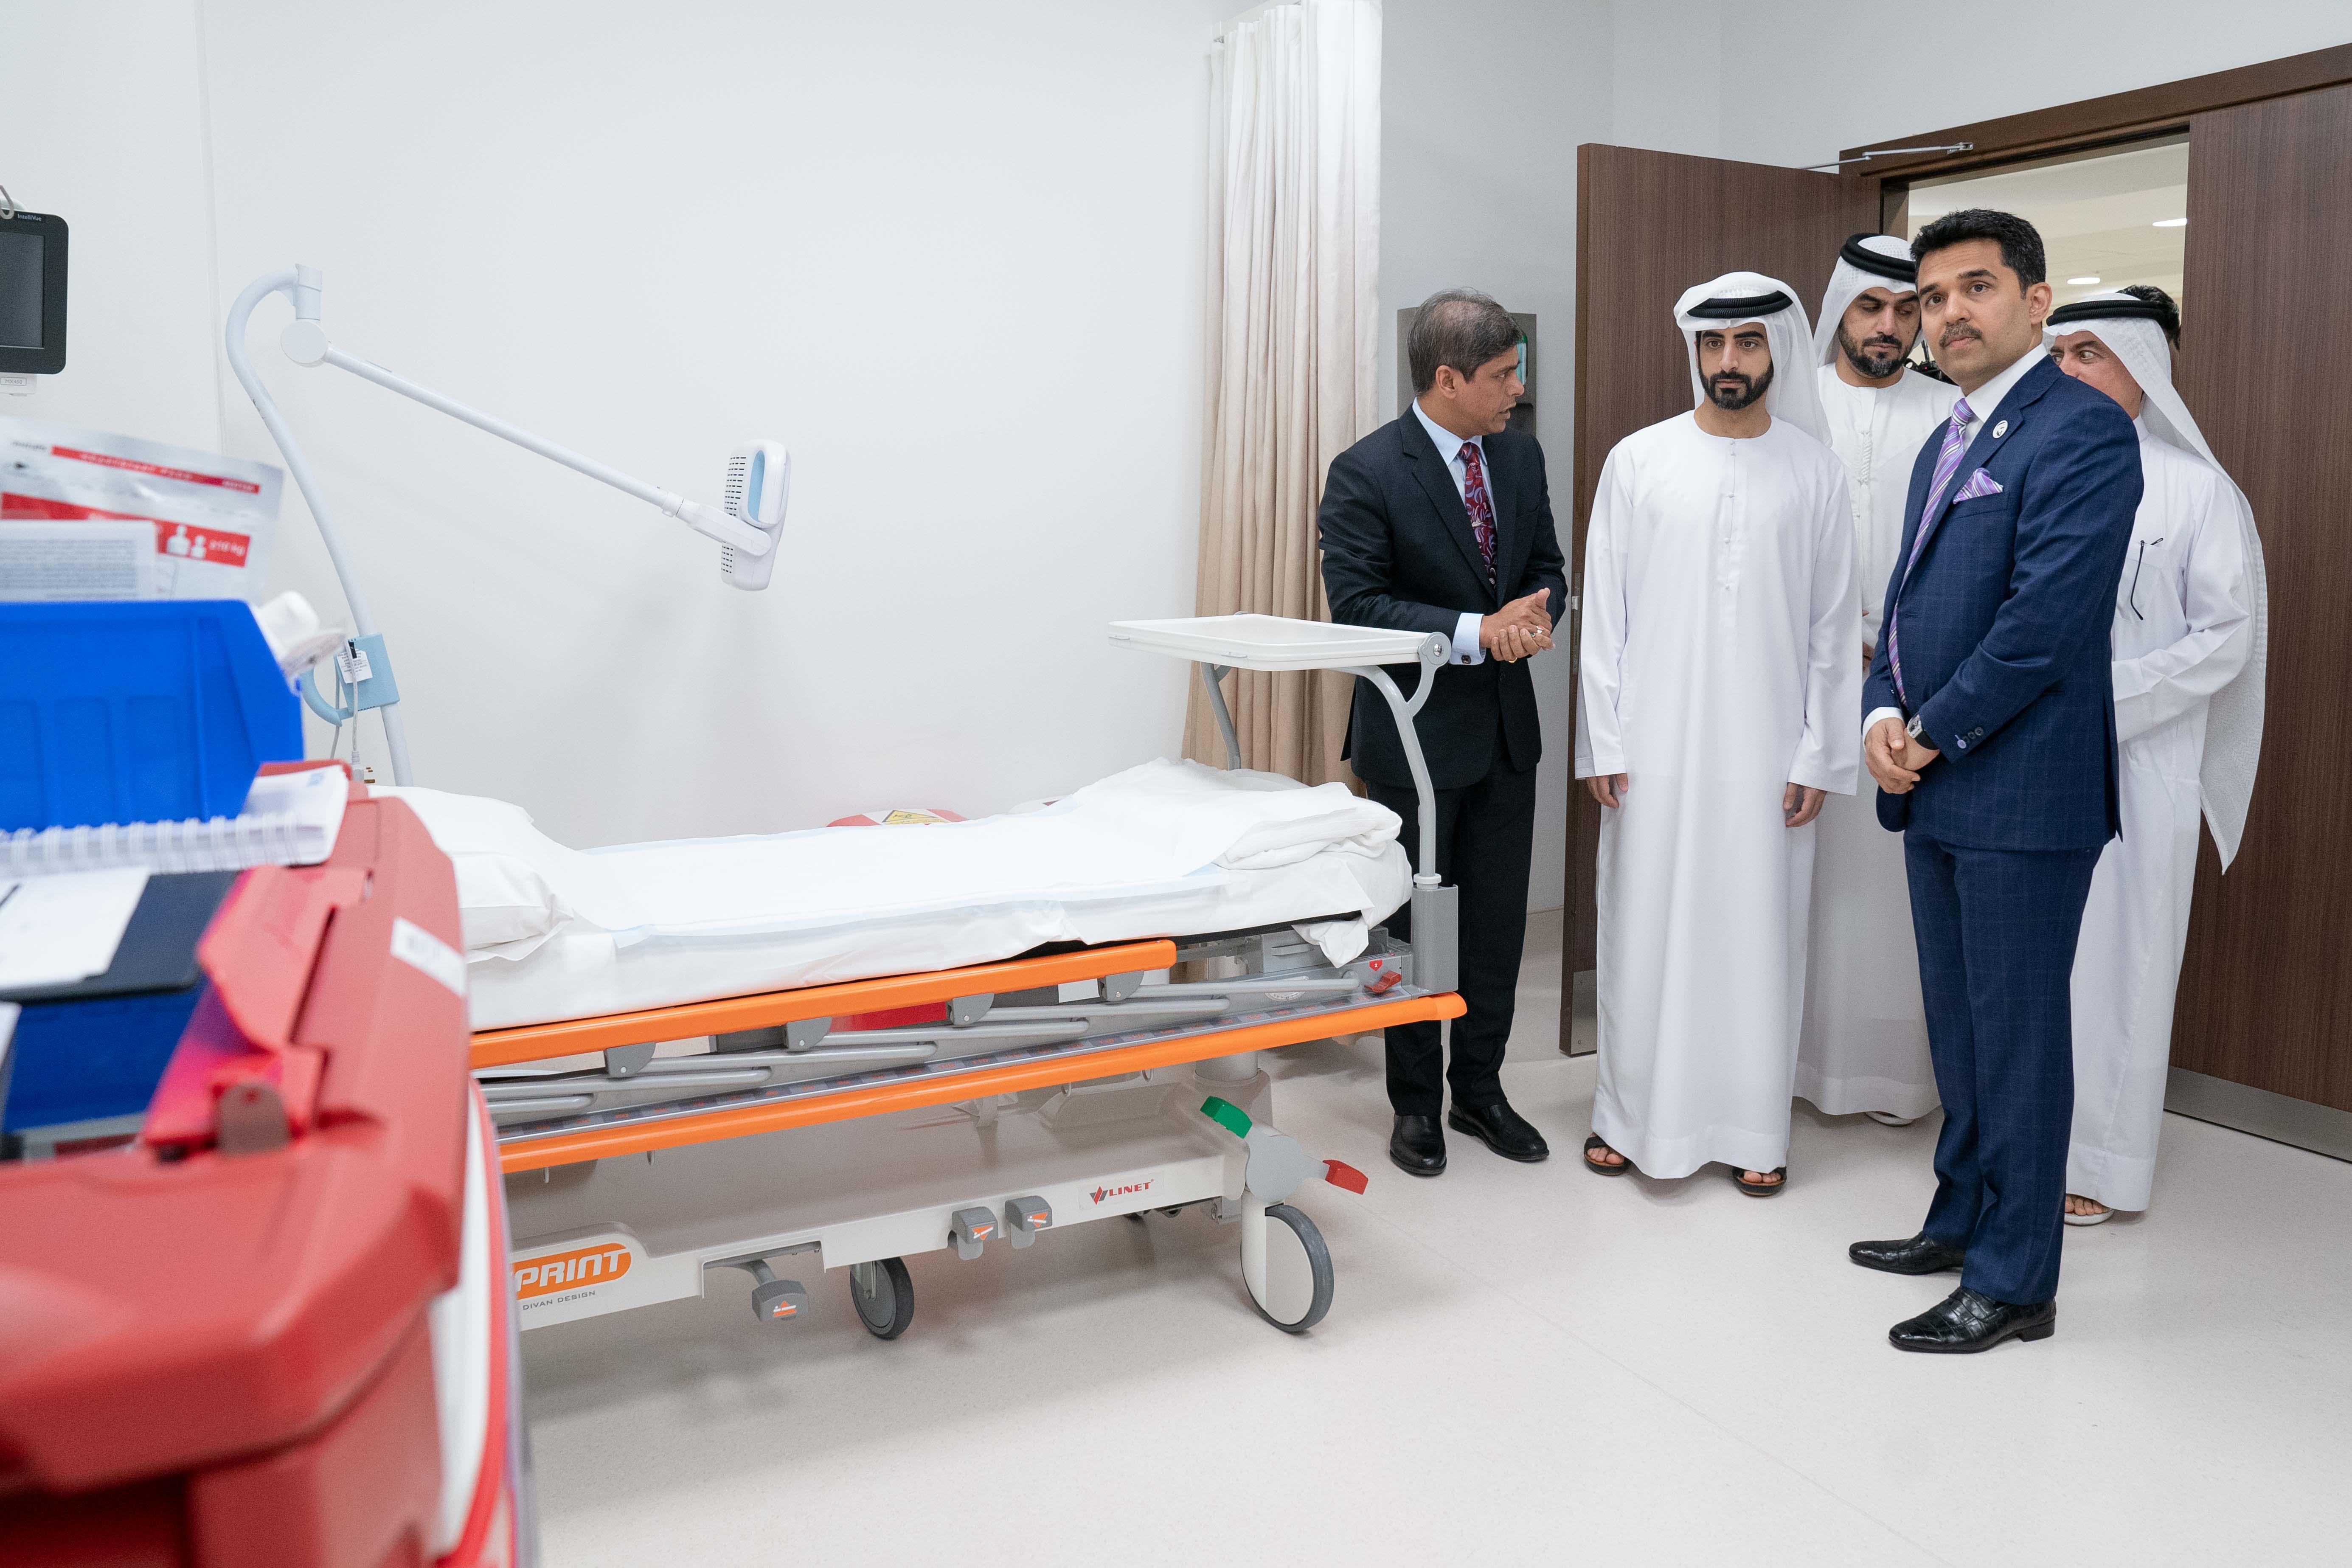 سالم بن عبدالرحمن القاسمي يفتتح مستشفى برجيل في الشارقة